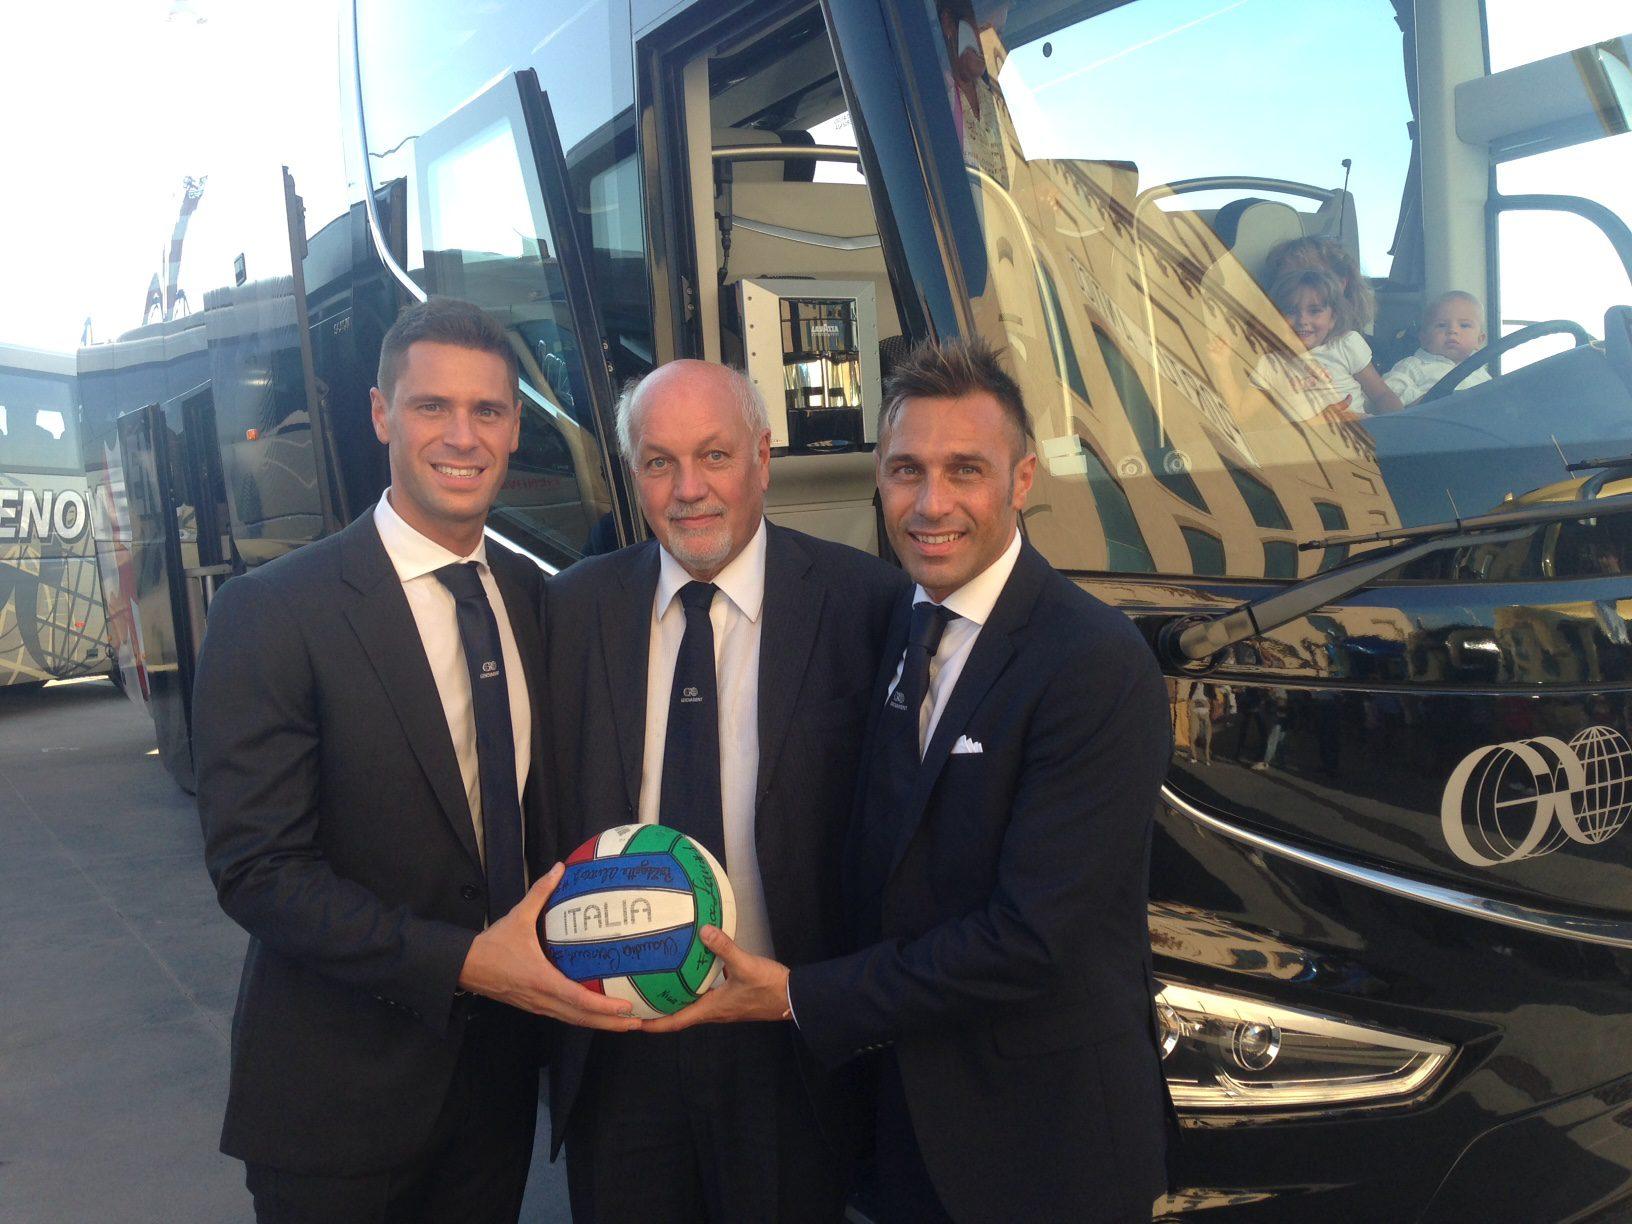 Genova Rent e lo sport, passione della famiglia Balbi